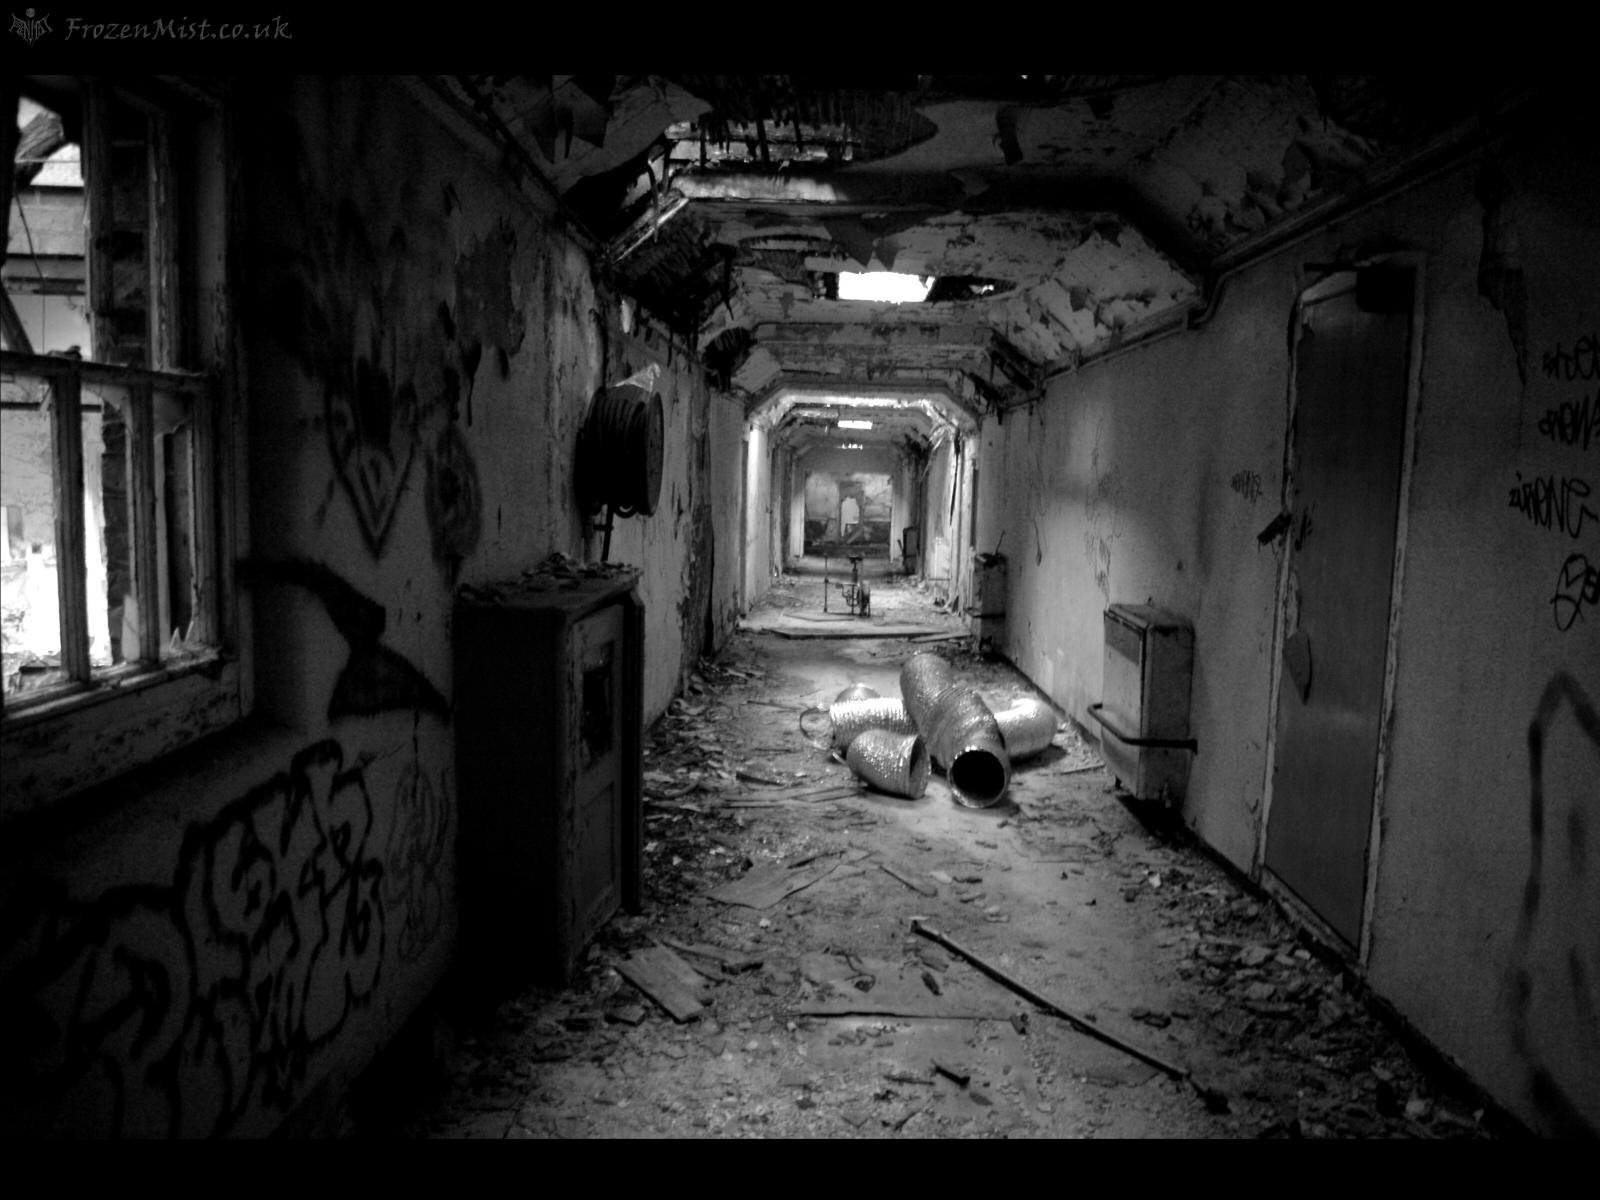 Corridor 2 wallpaper frozenmist - Wallpaper corridor ...